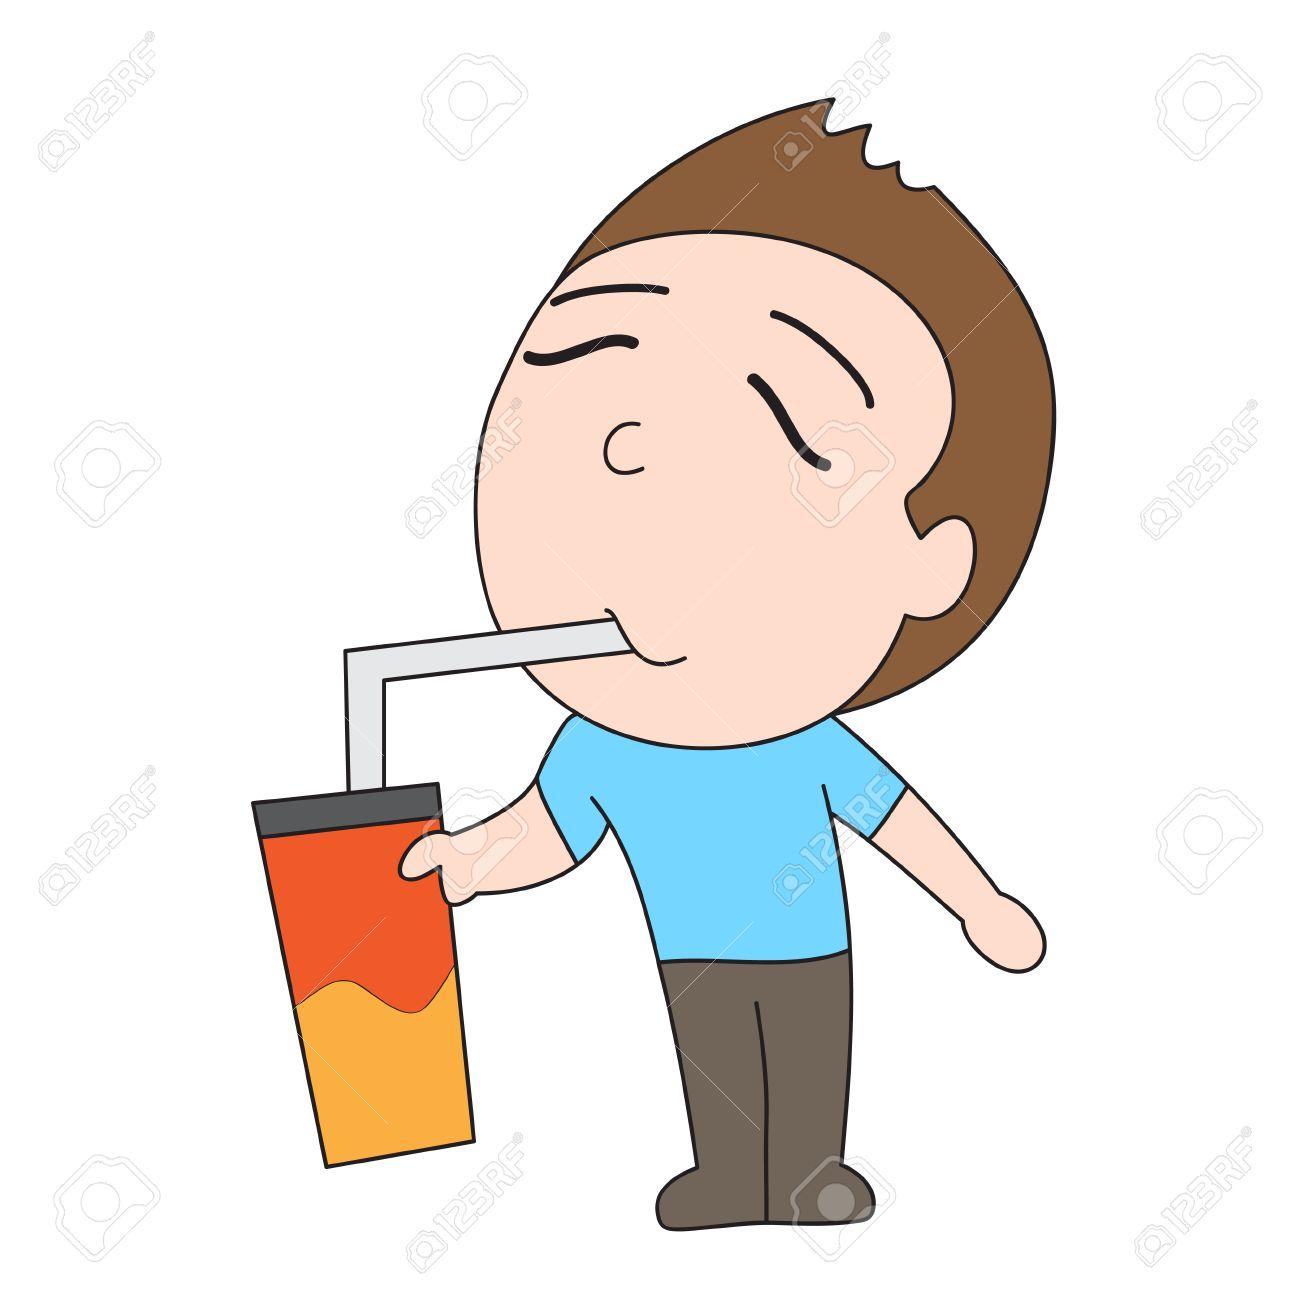 Vector De Dibujos Animados Carácter Del Hombre De La Bebida Fría  Ilustraciones Vectoriales, Clip Art Vectorizado Libre De Derechos. Image  55105522.